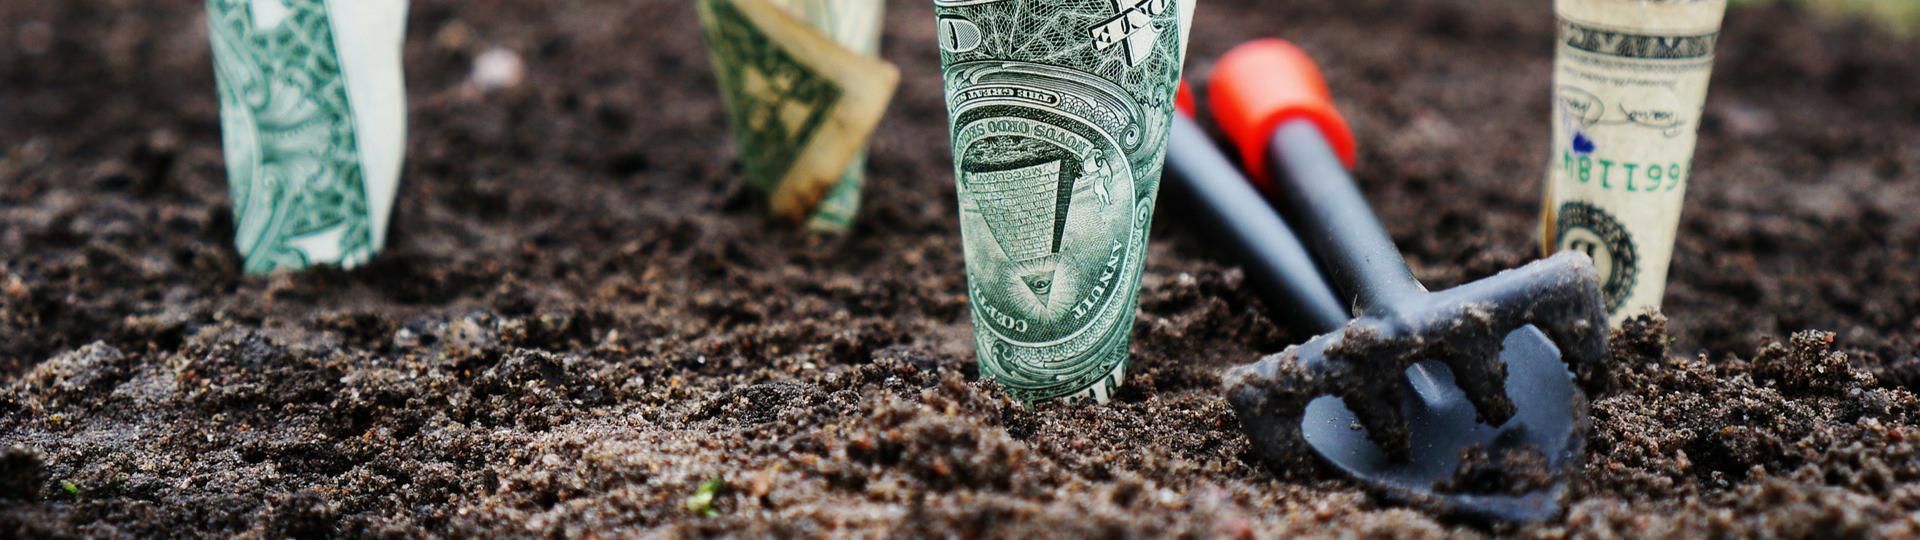 Raising capital?